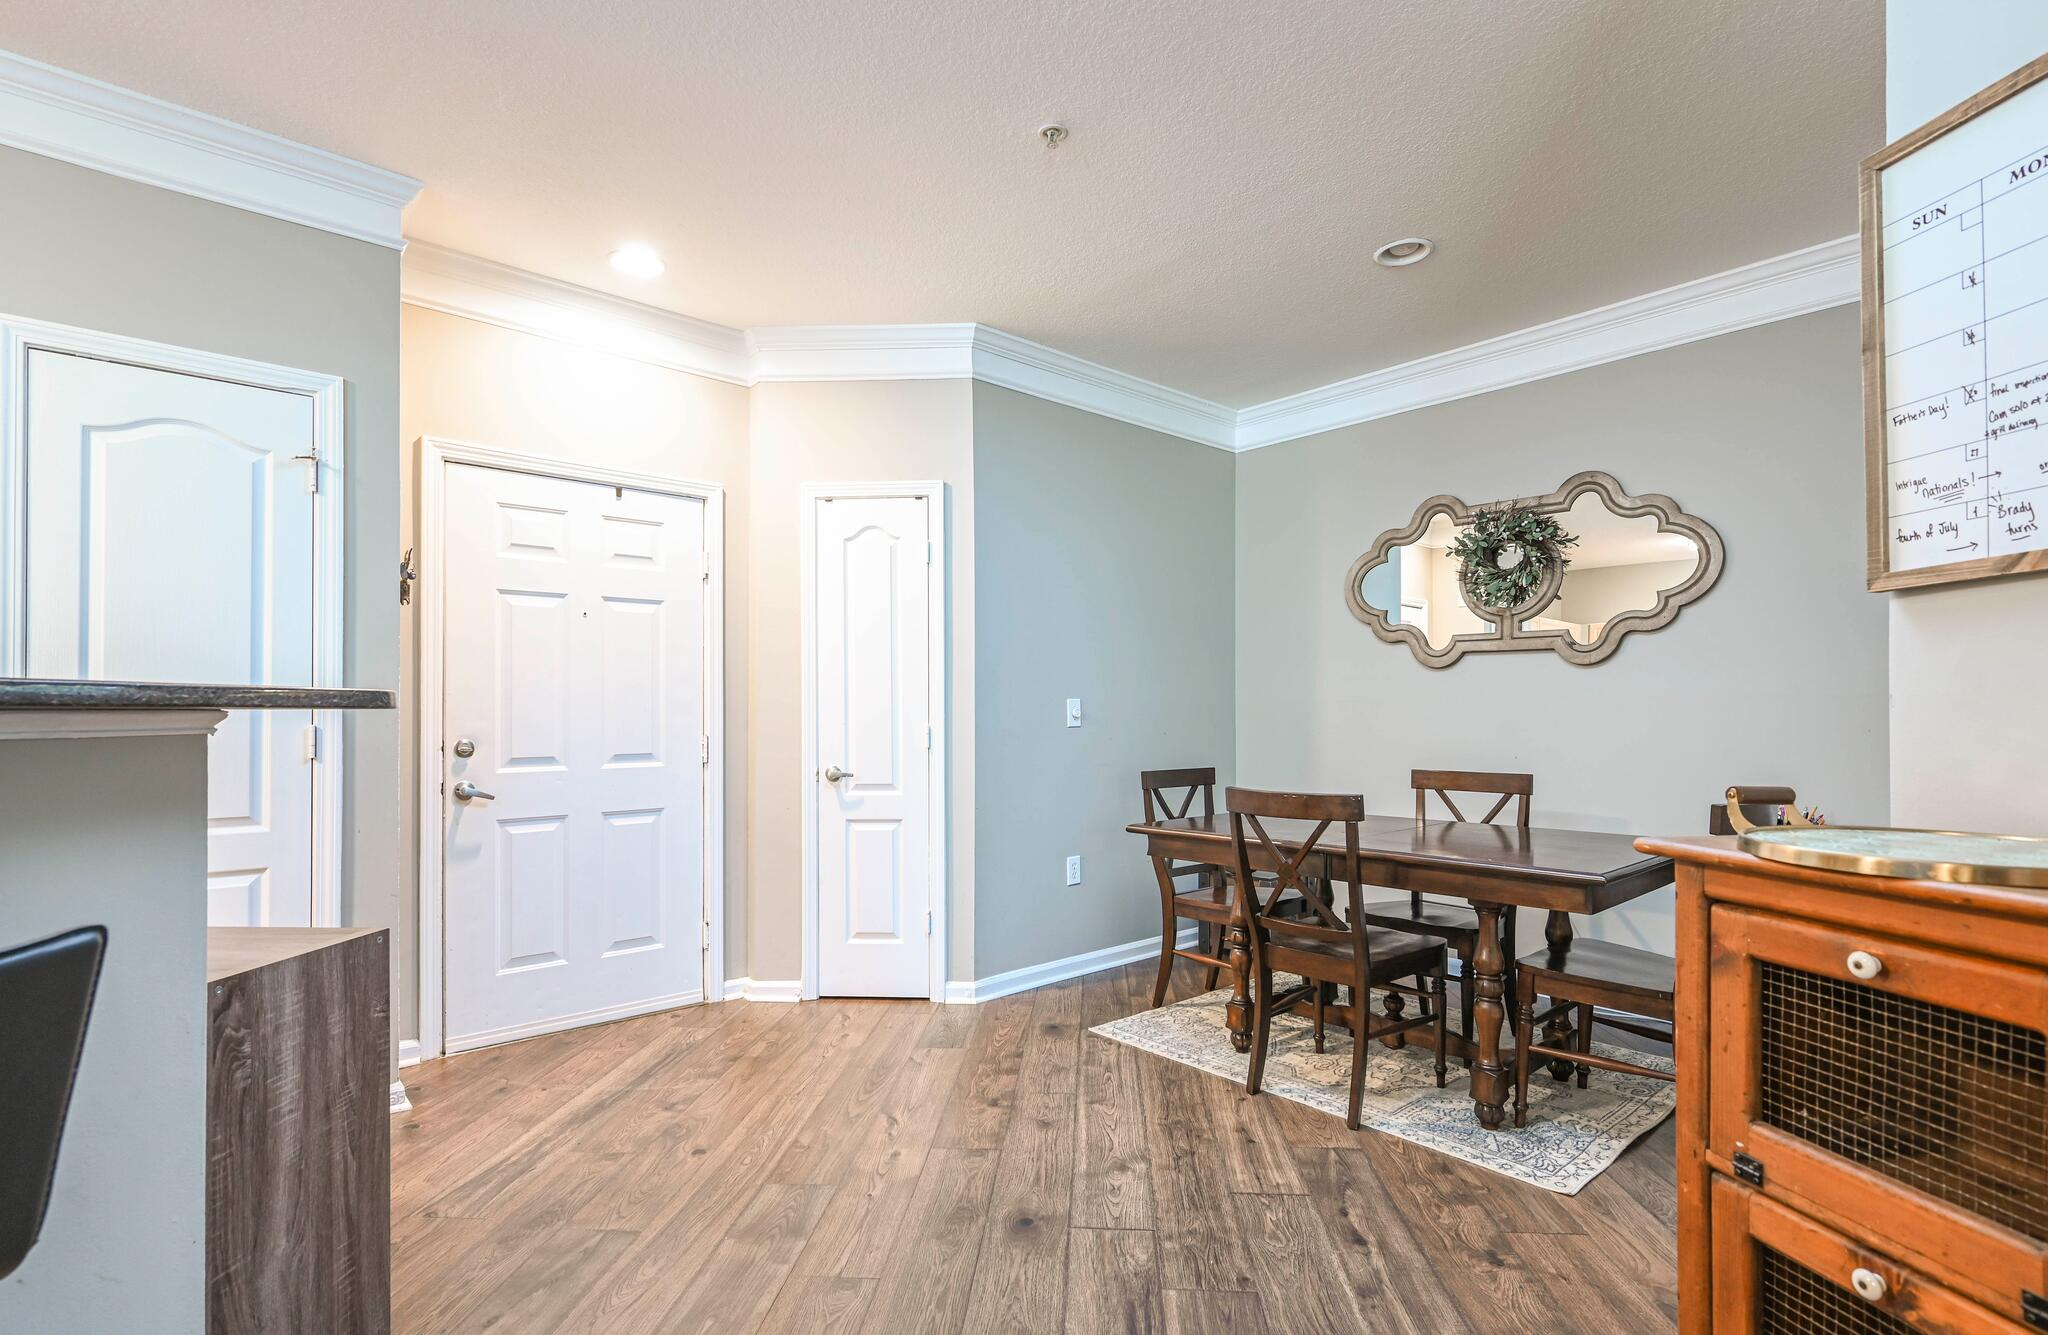 Park West Homes For Sale - 1300 Park West, Mount Pleasant, SC - 13